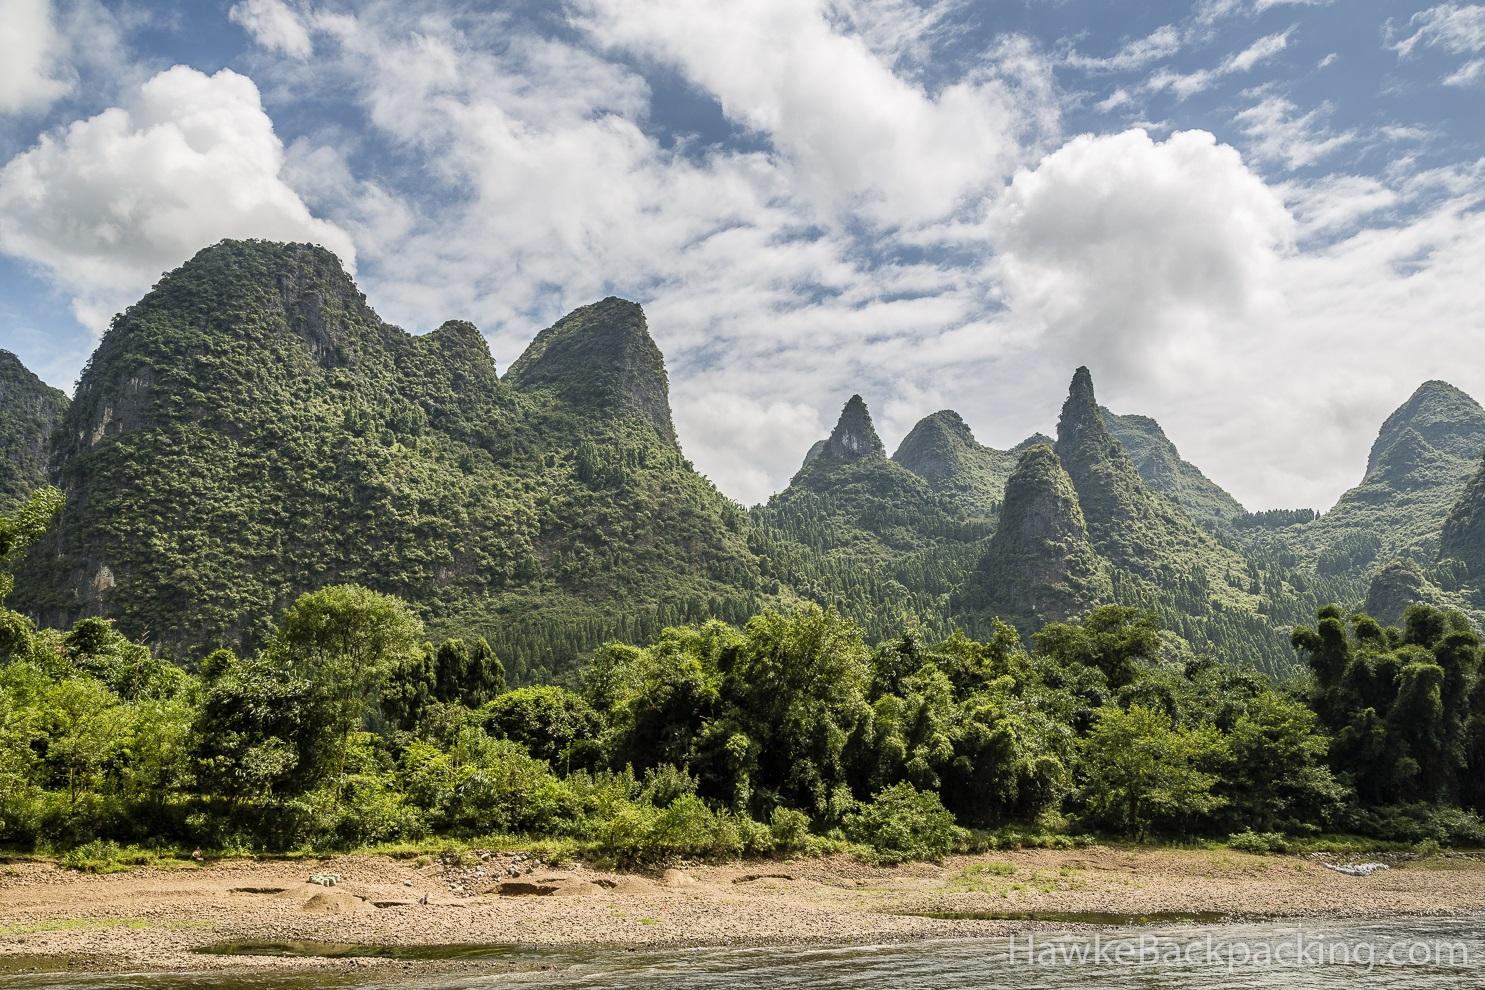 Li River Hawkebackpacking Com